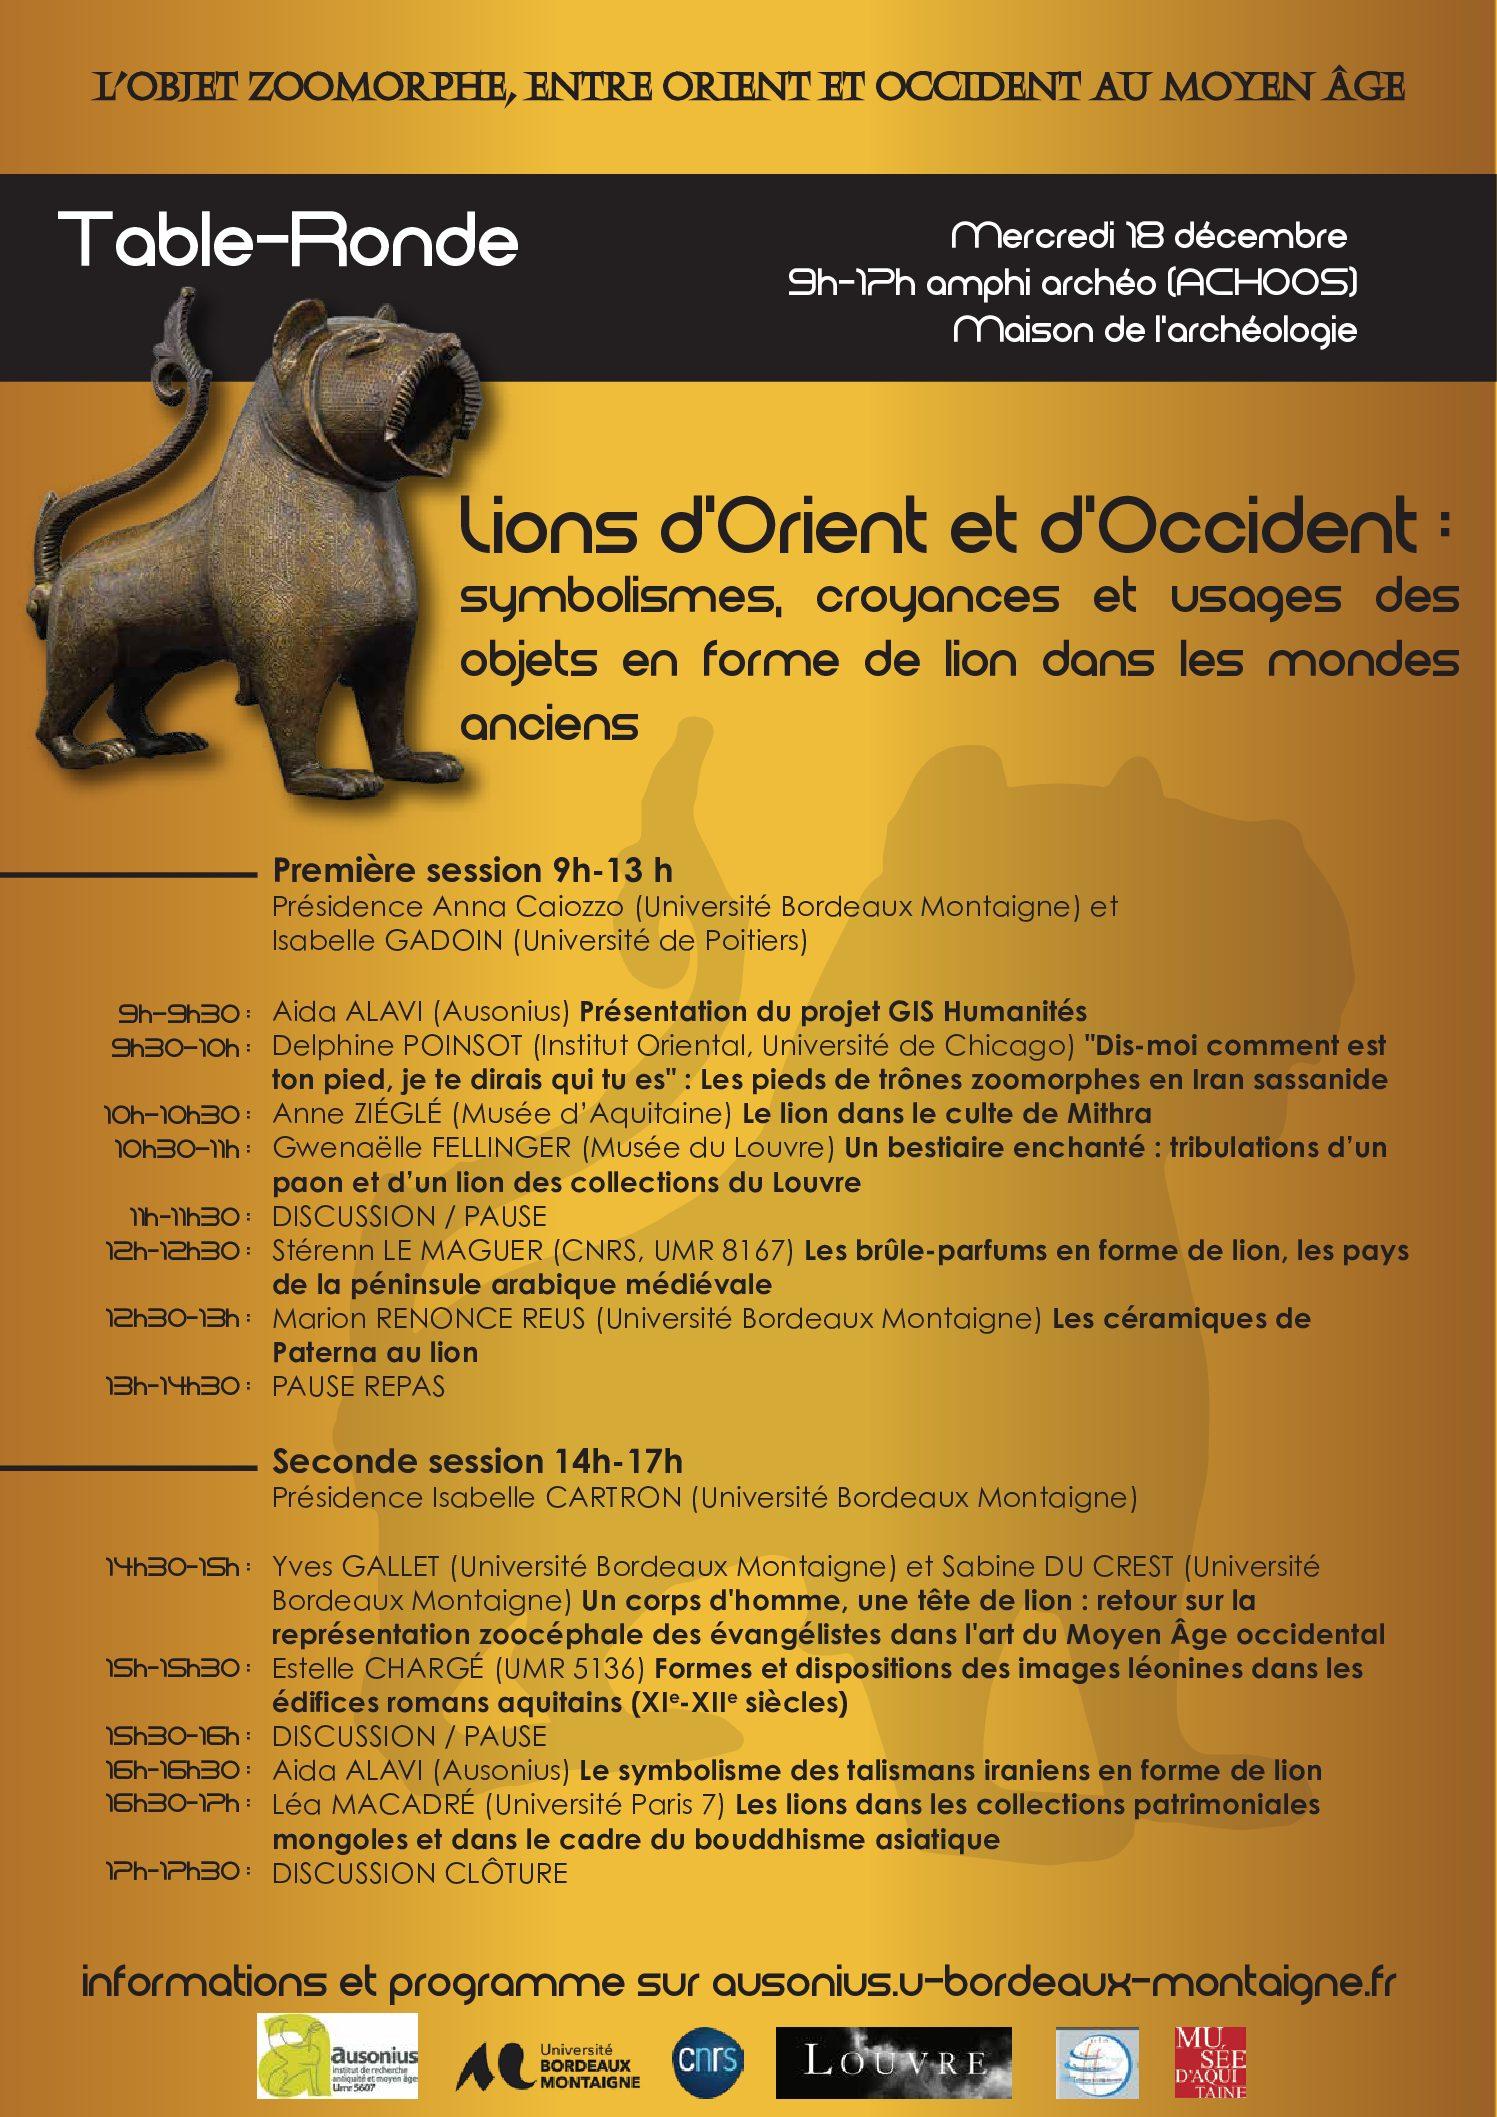 """Table-ronde : """"Lions d'Orient et d'Occident"""", Bordeaux, 18/12/2019"""